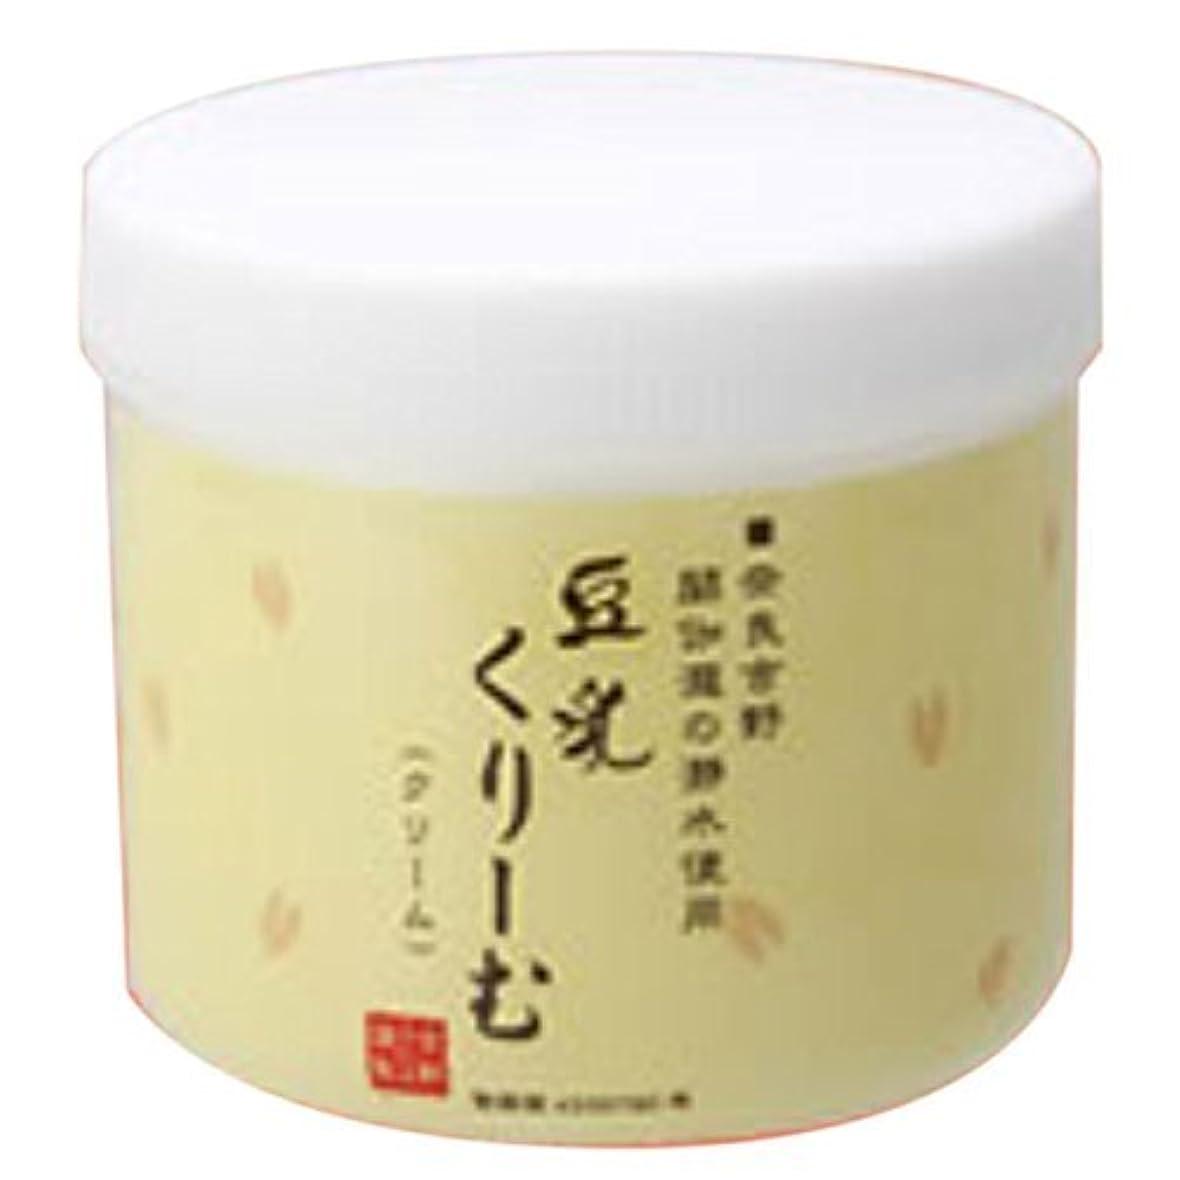 蜜ヒューム選択する吉野ふじや謹製 とうにゅうくりーむ (豆乳美容クリーム)